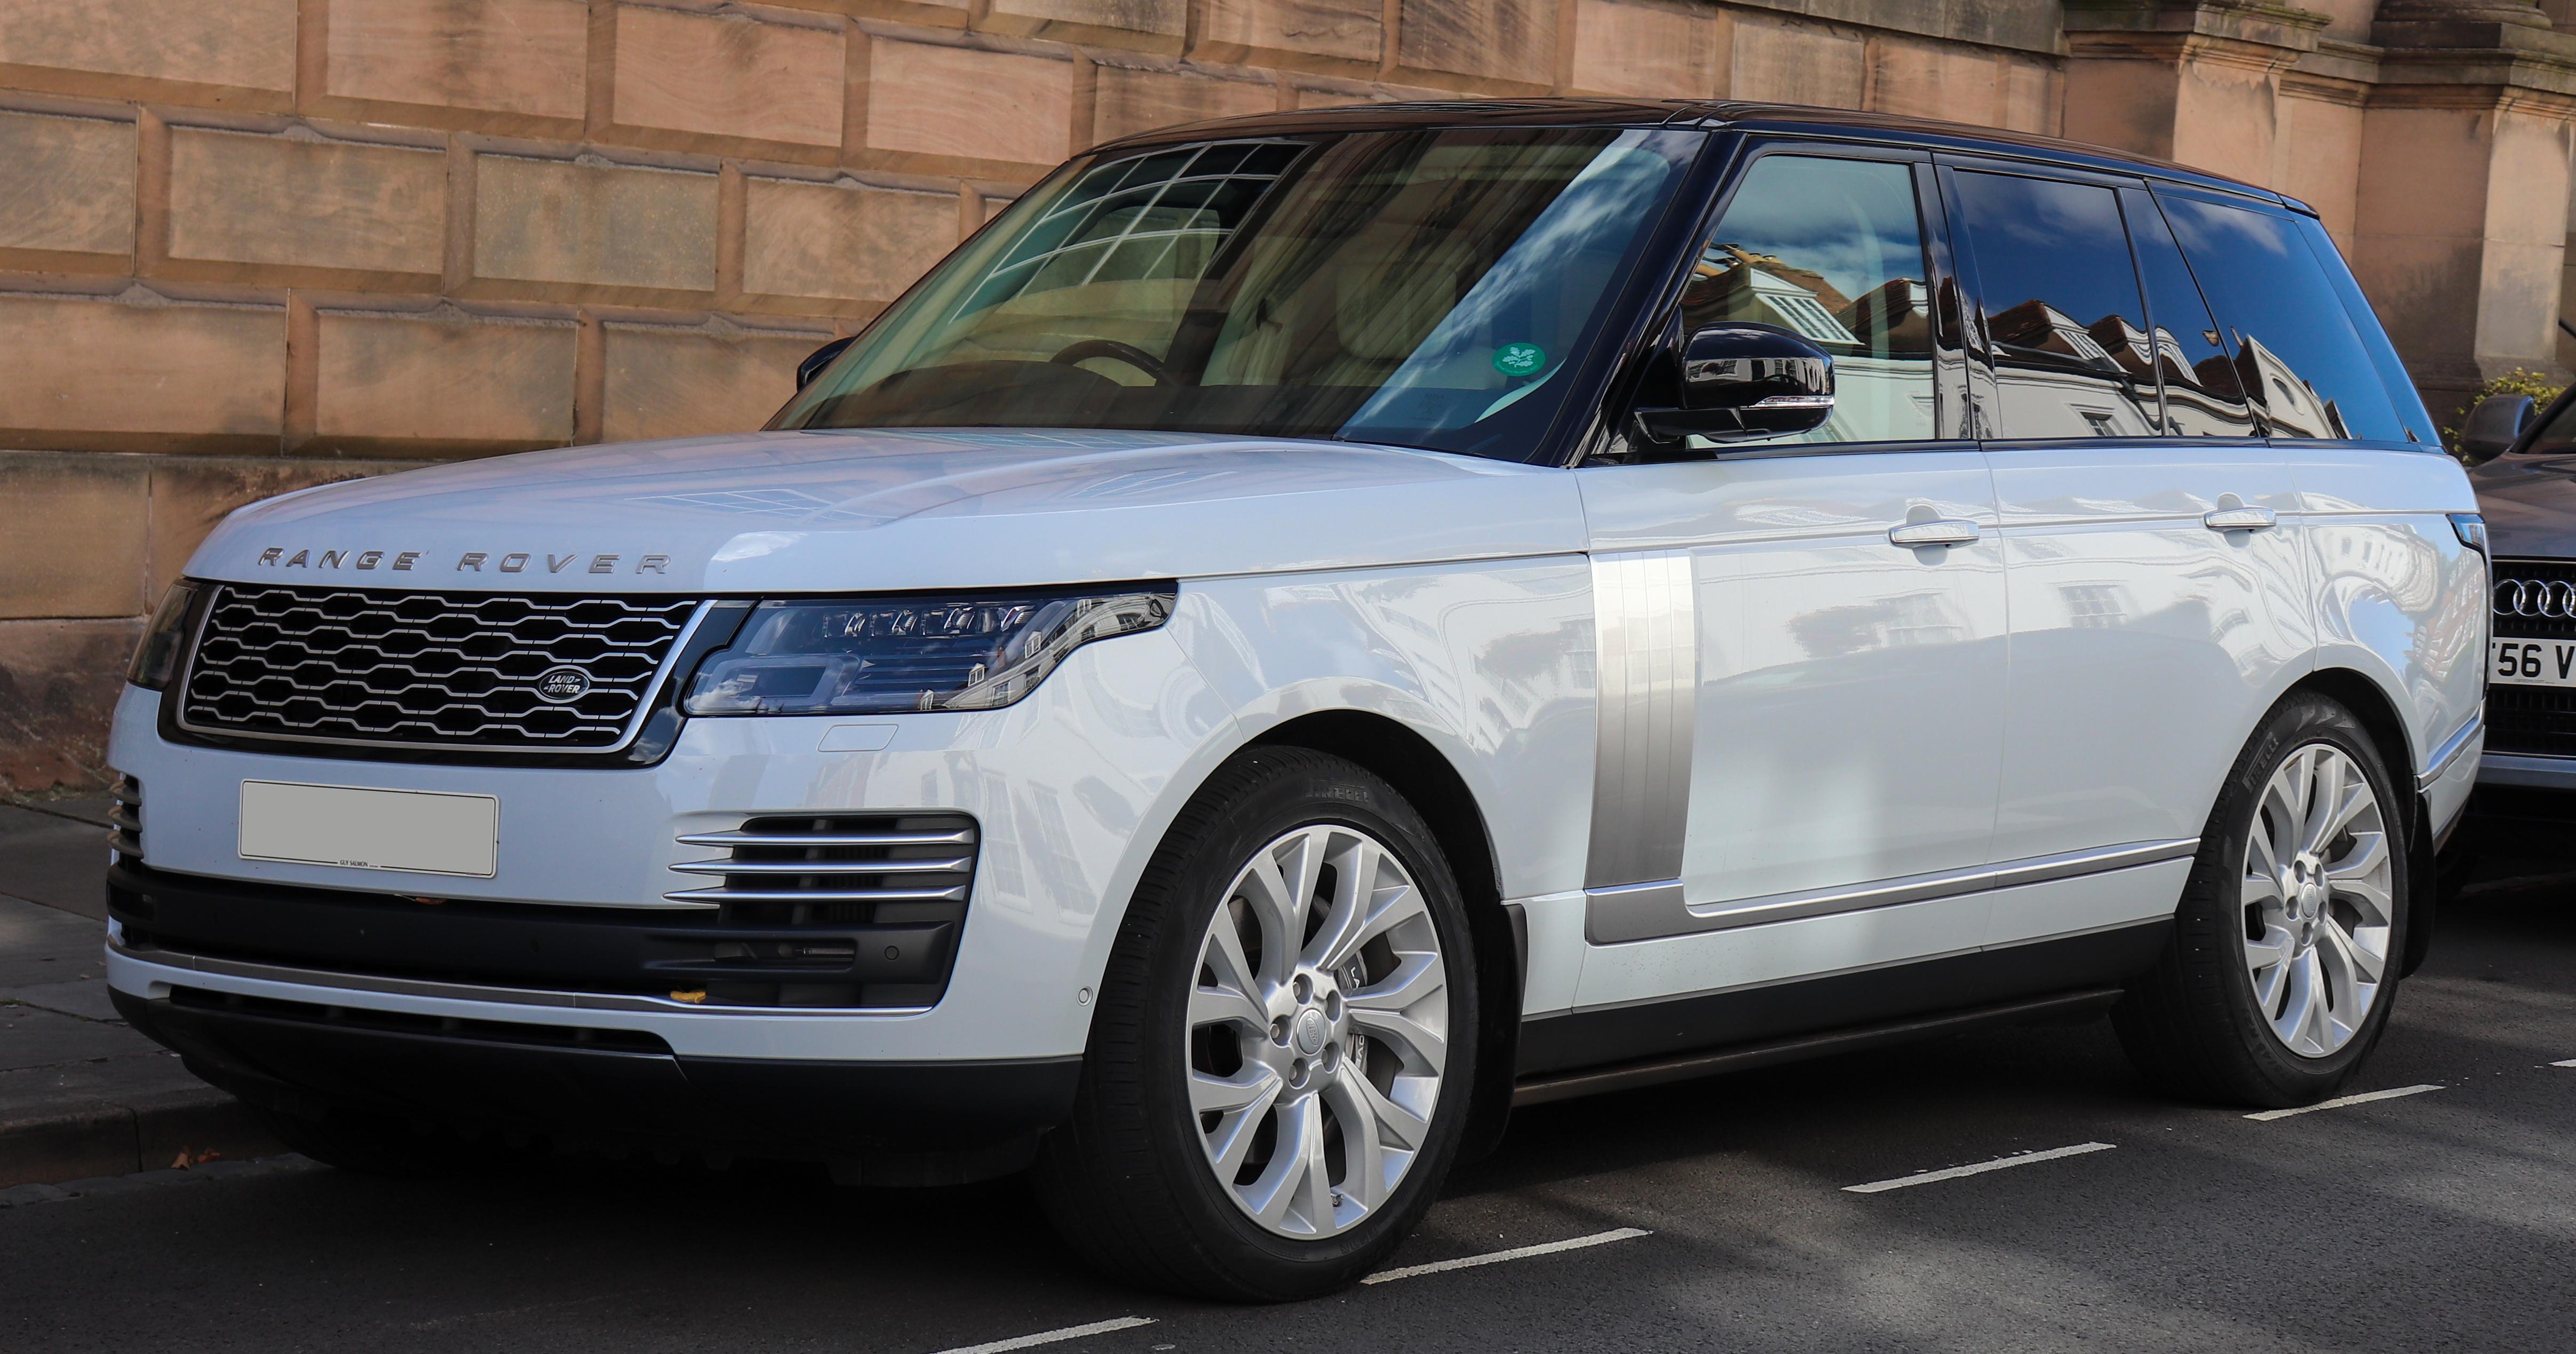 White Range Rover on a street